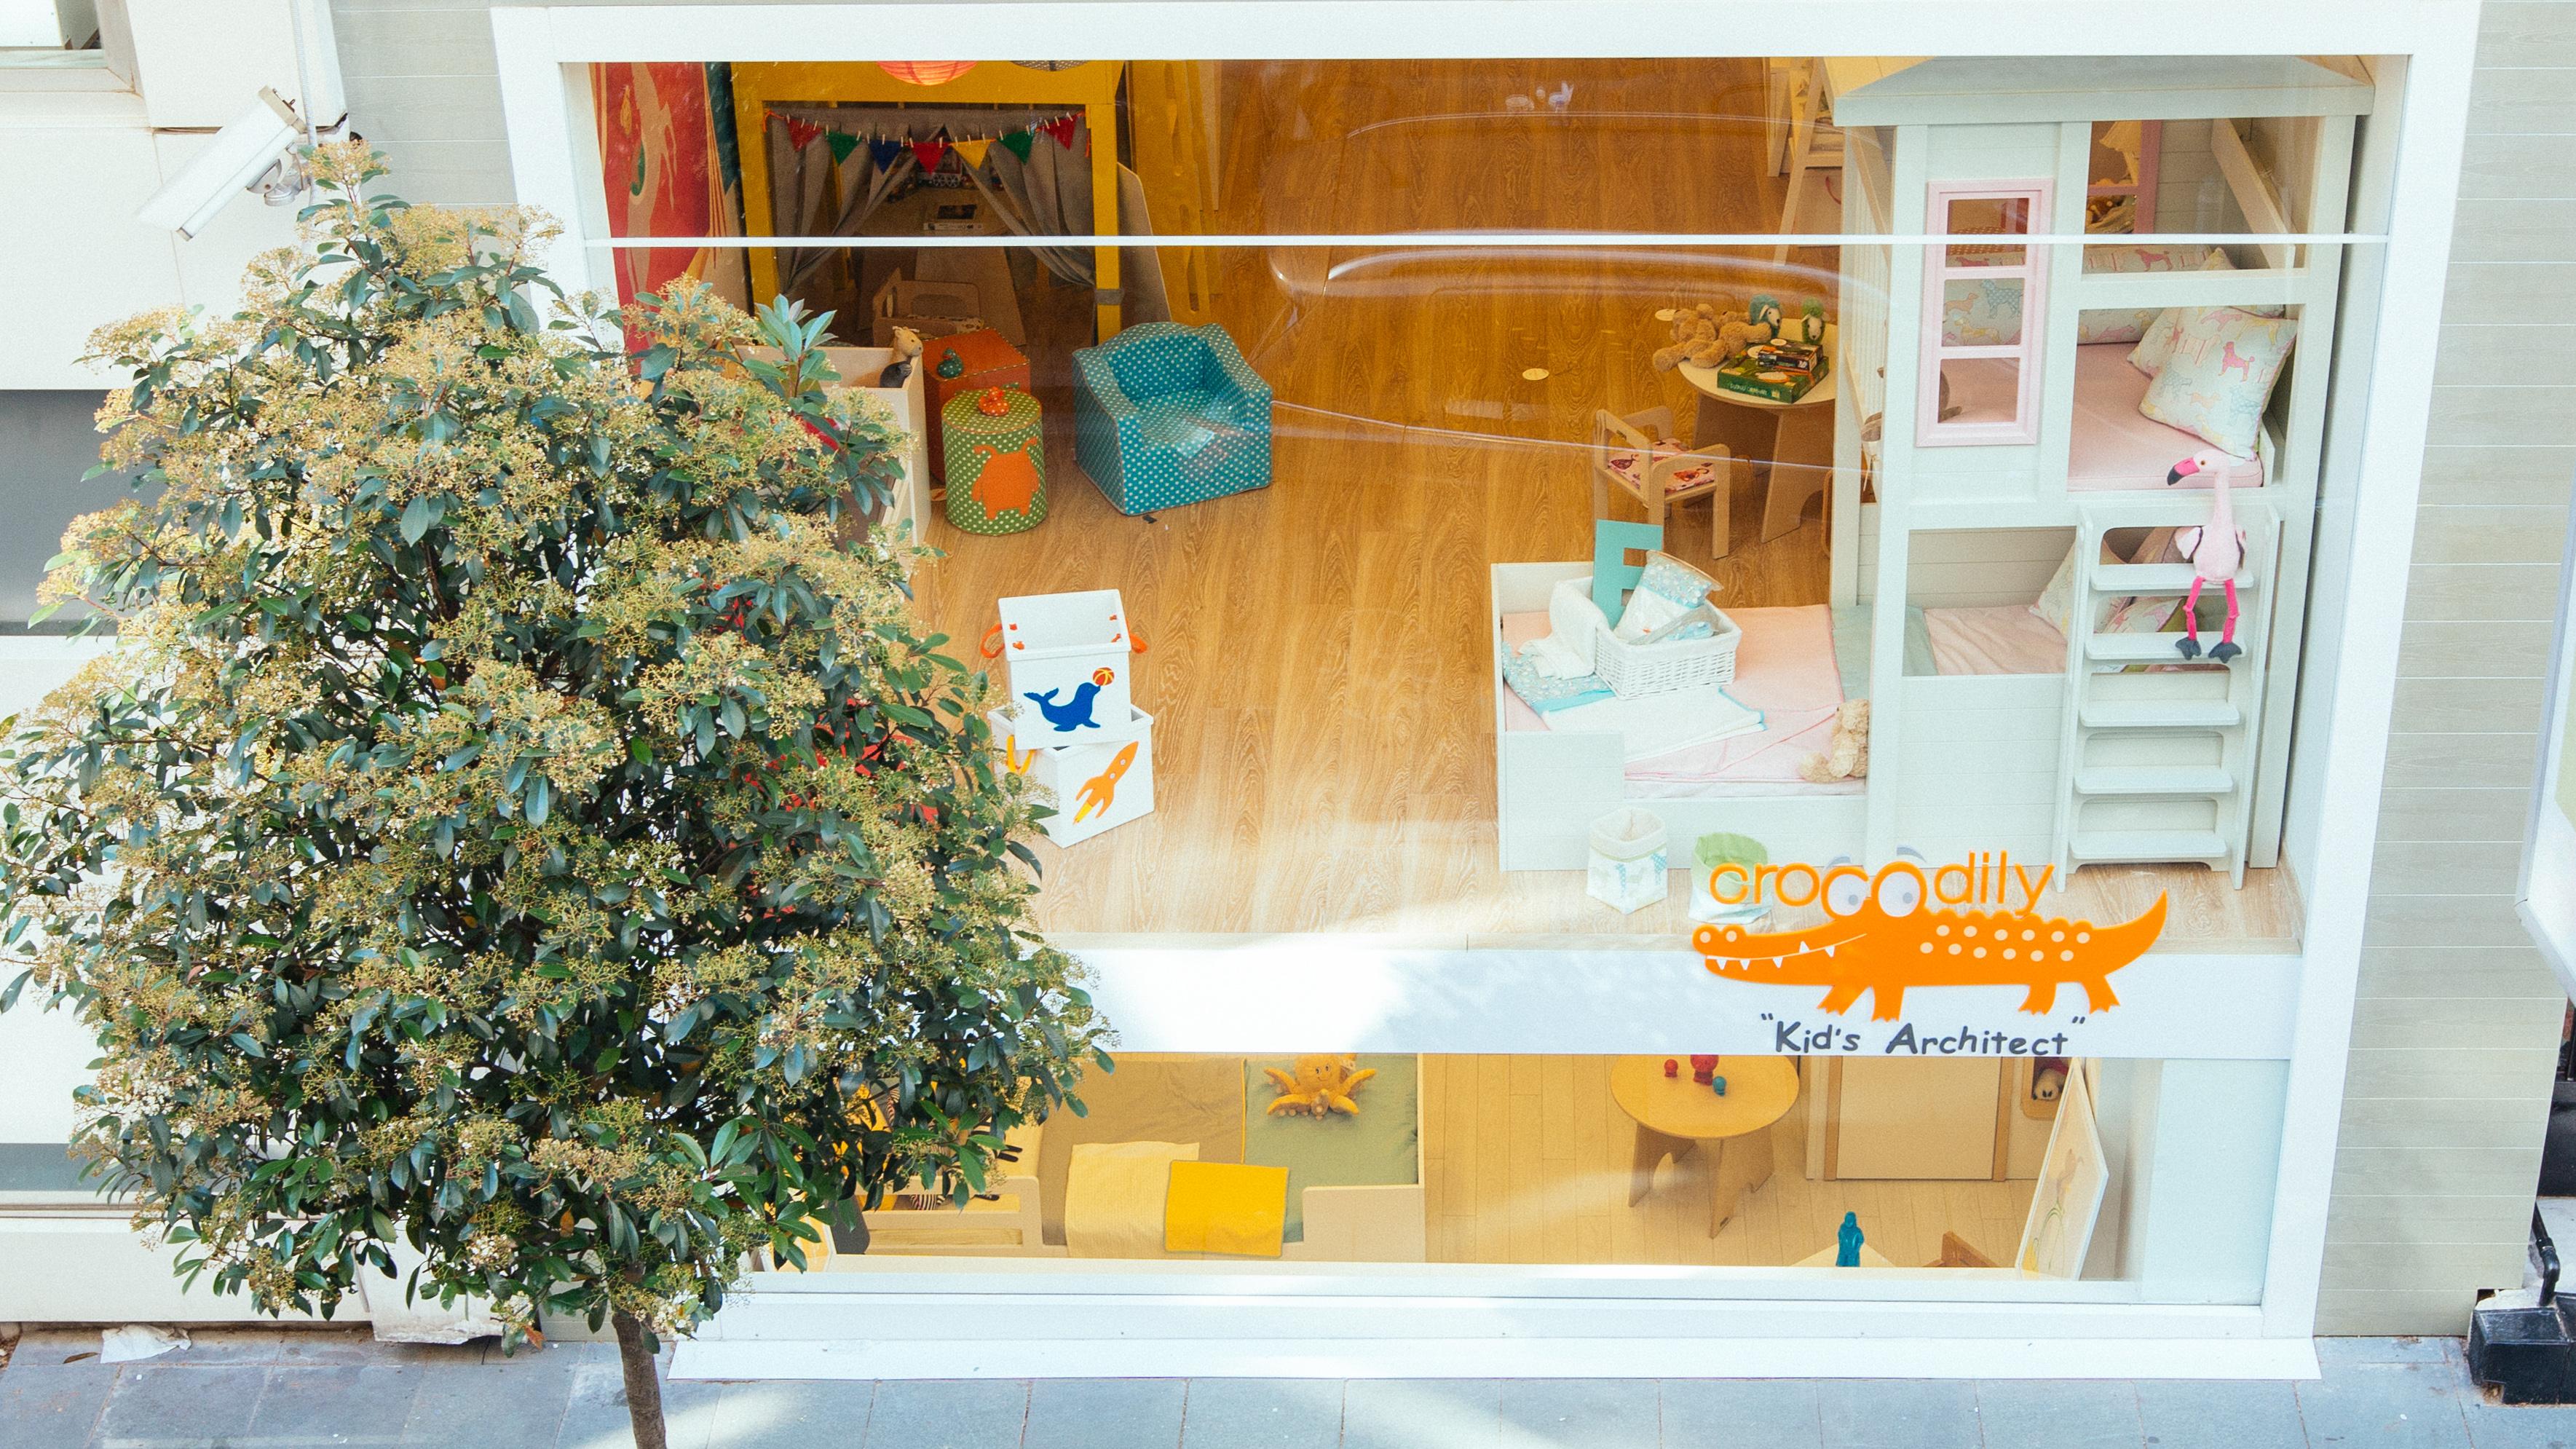 la boutique de meubles pour enfants crocodily a ouvert ses. Black Bedroom Furniture Sets. Home Design Ideas